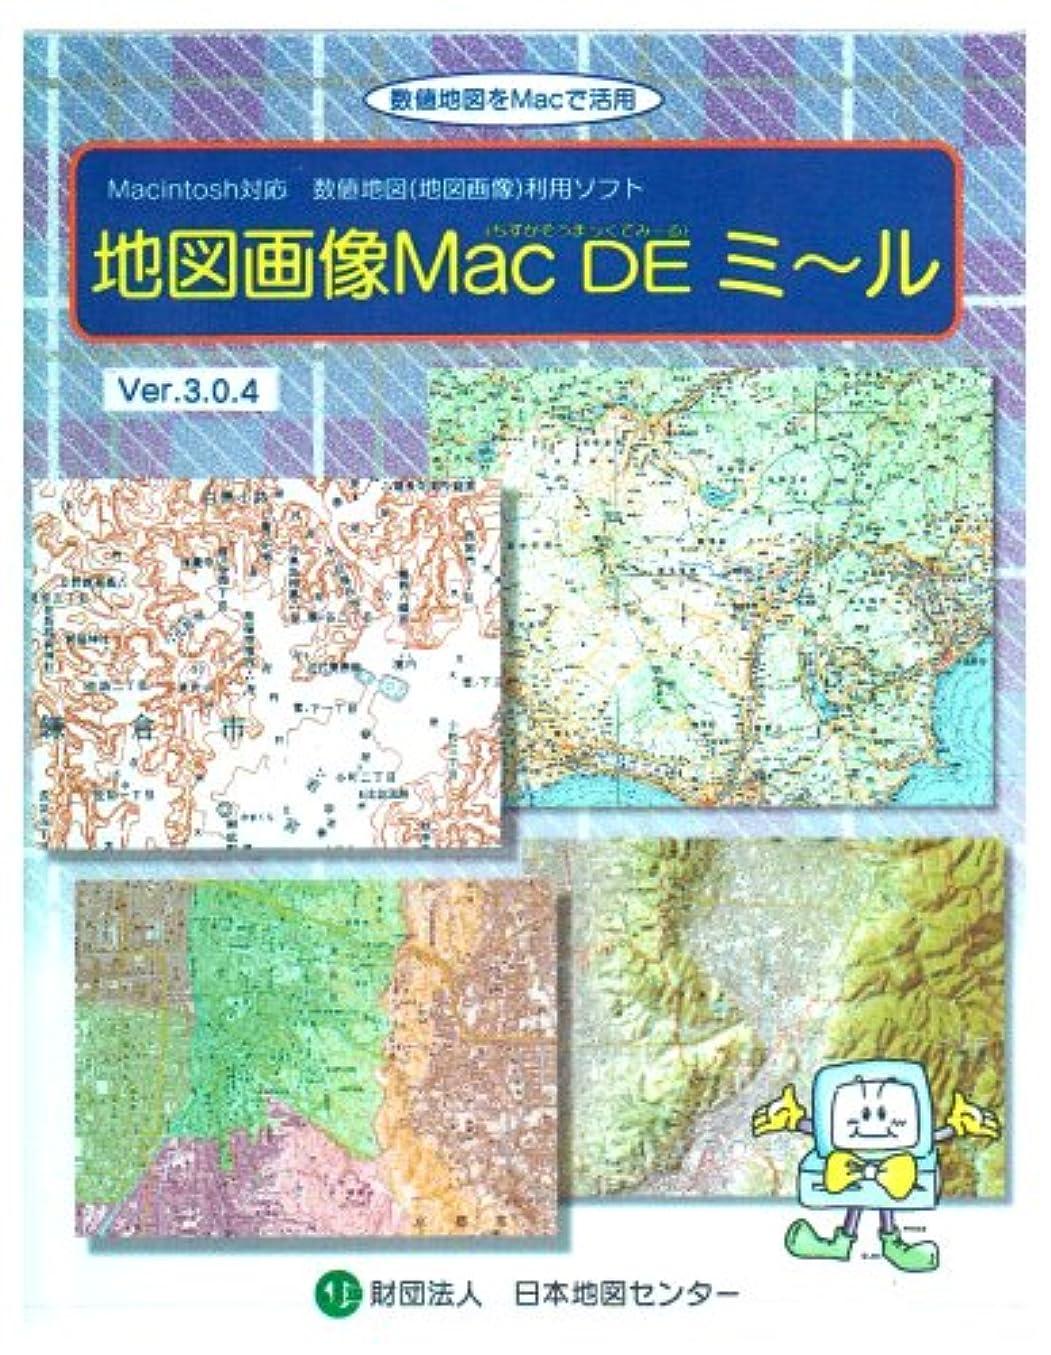 桃衝突する太字地図画像 Mac DE ミール